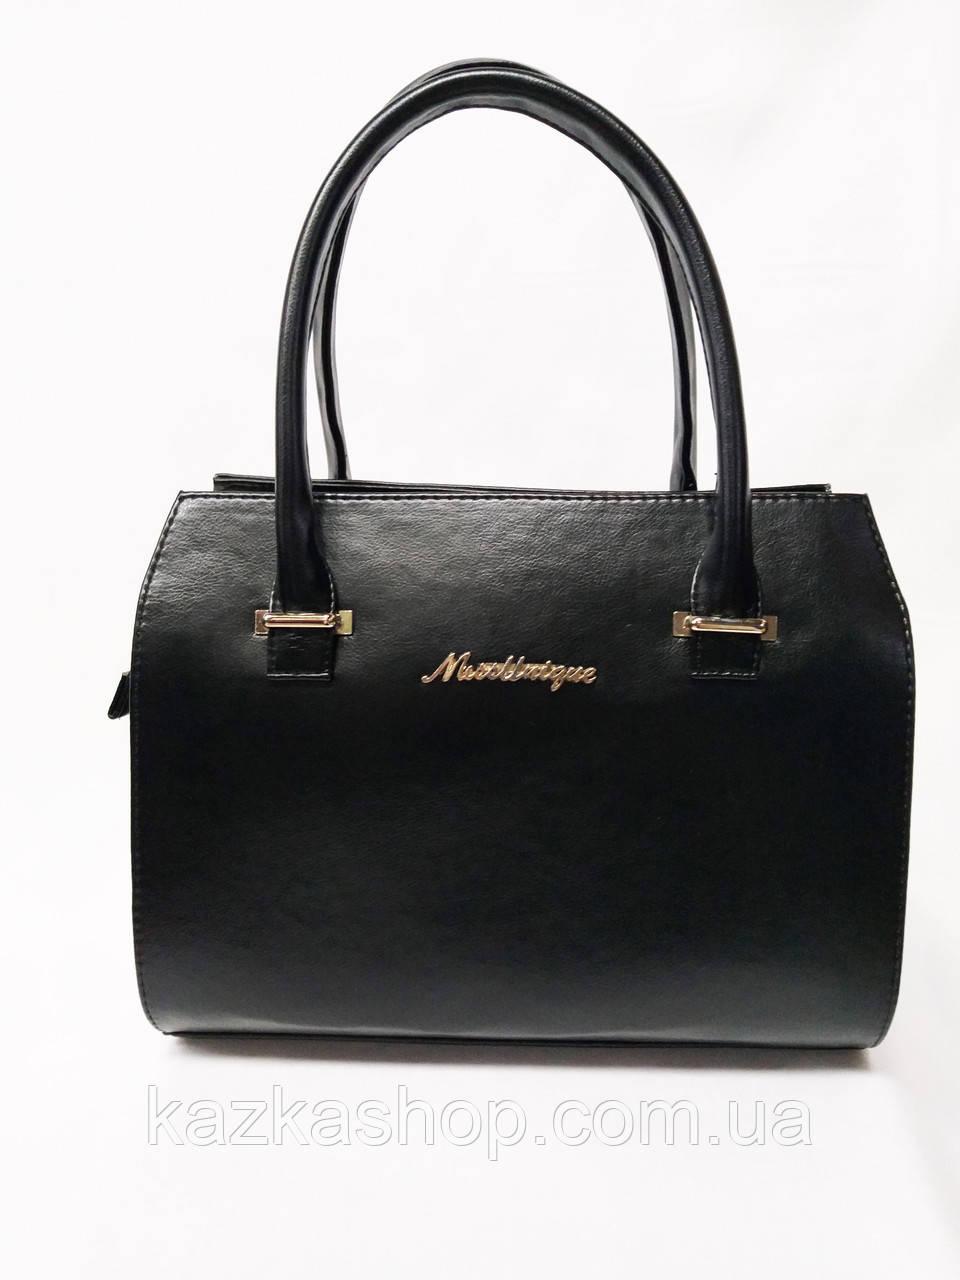 1153a2991dff Женская сумка арт. 50 - Интернет магазин аксессуаров для всей семьи в Запорожской  области